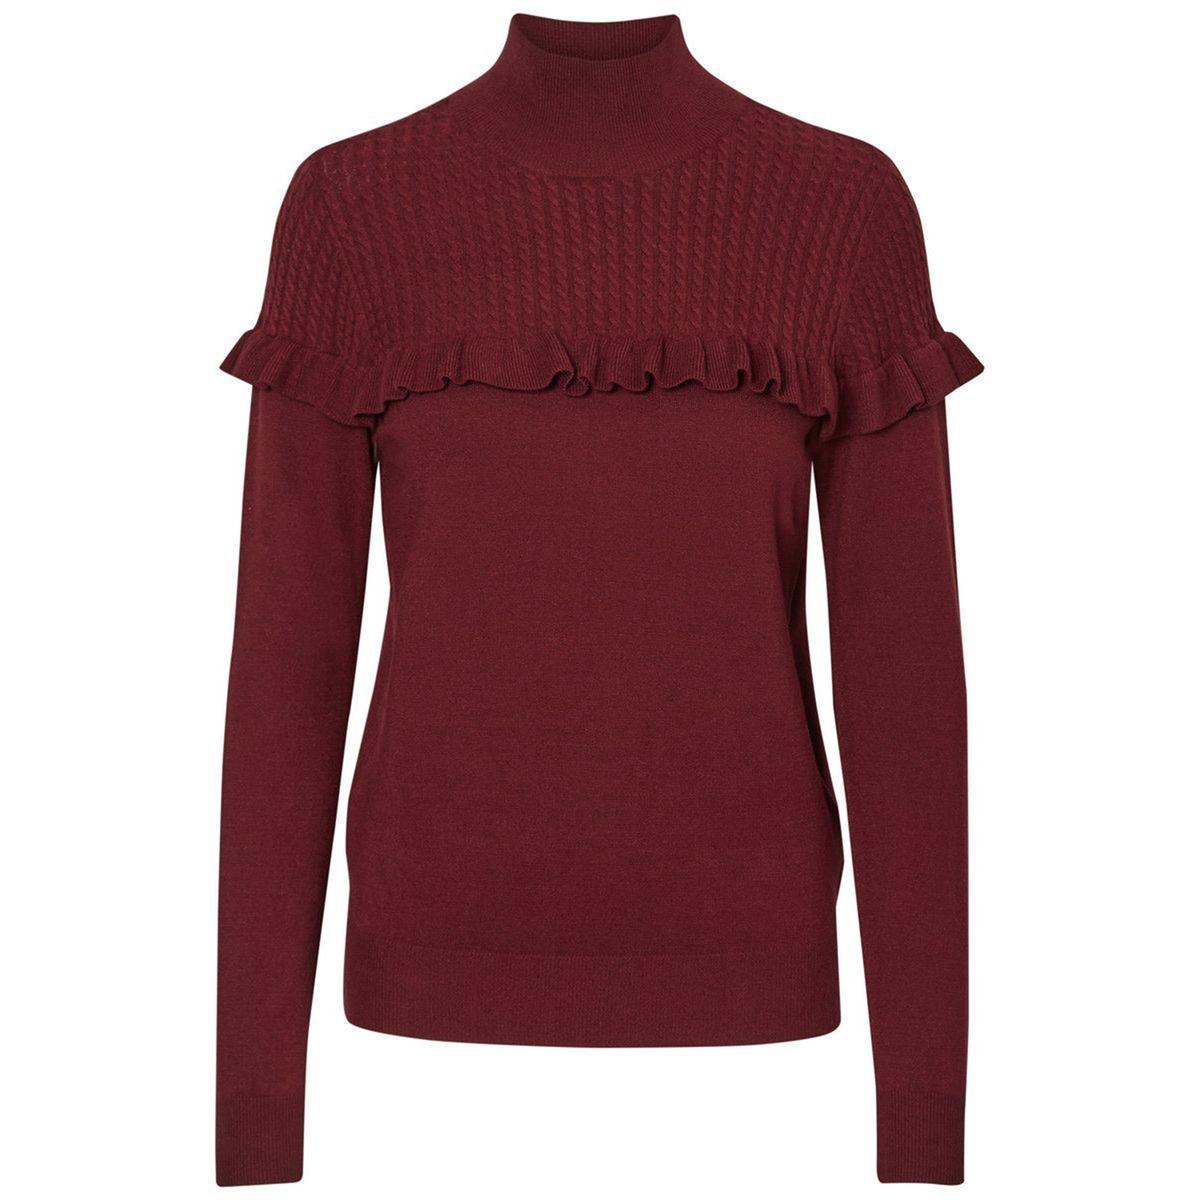 Пуловер с воротником-стойкой из тонкого трикотажа пуловер vero moda vero moda ve389ewujz90 page 1